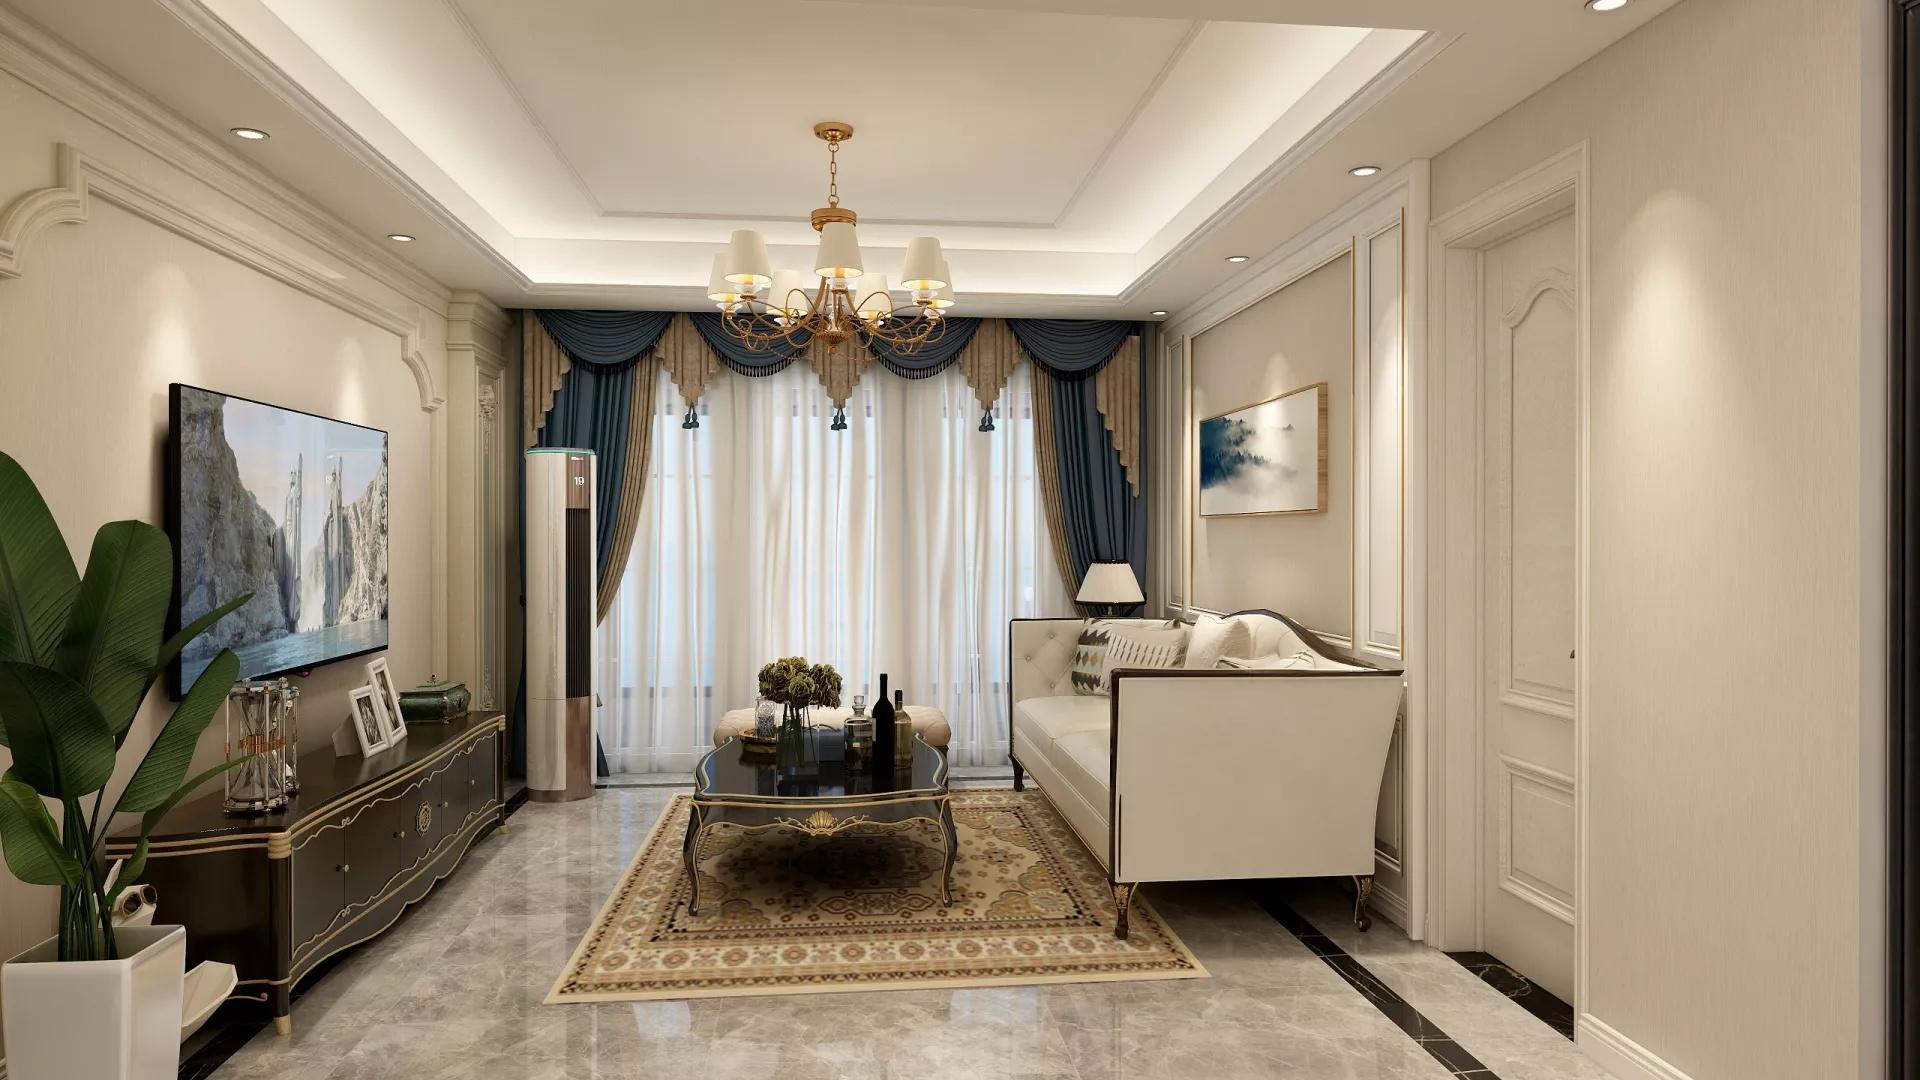 客厅装修有技巧 怎么选择背景墙